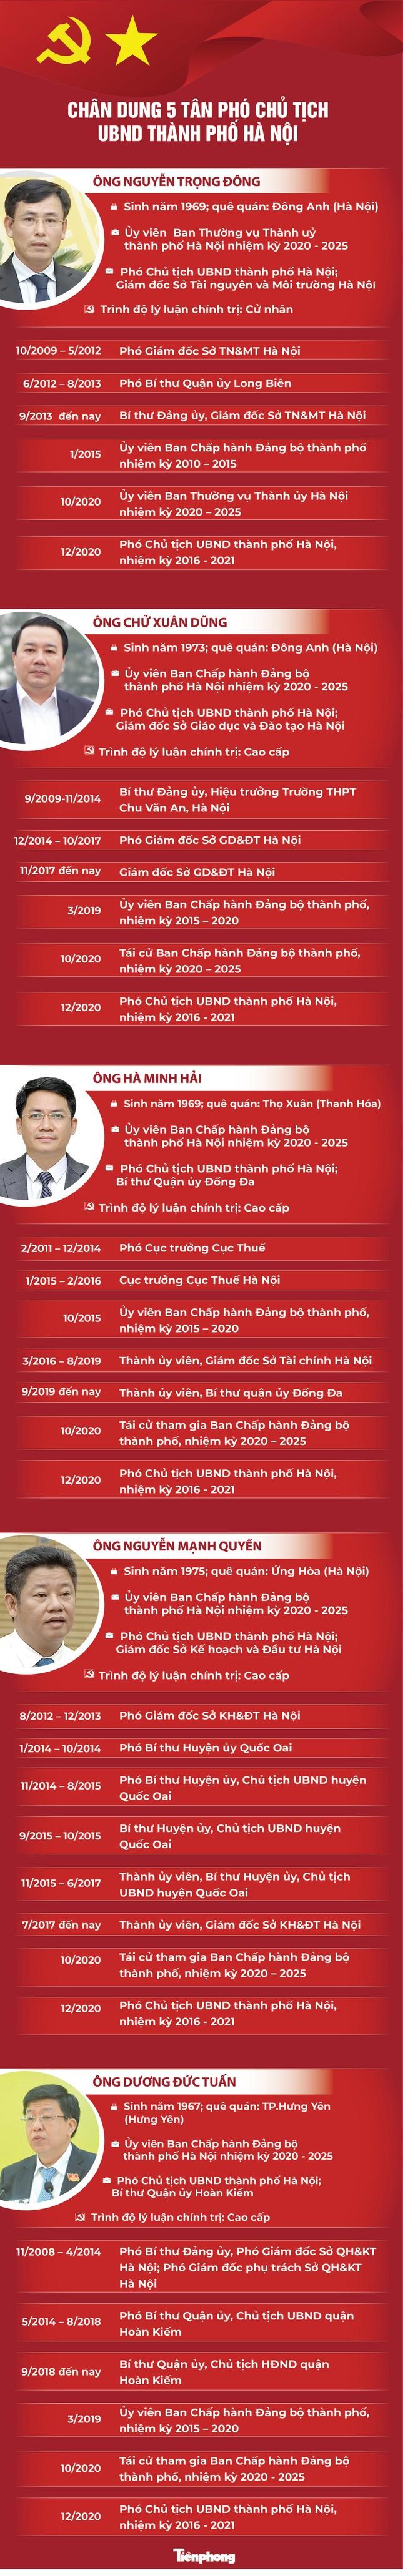 Chân dung 5 tân Phó Chủ tịch UBND thành phố Hà Nội ảnh 1